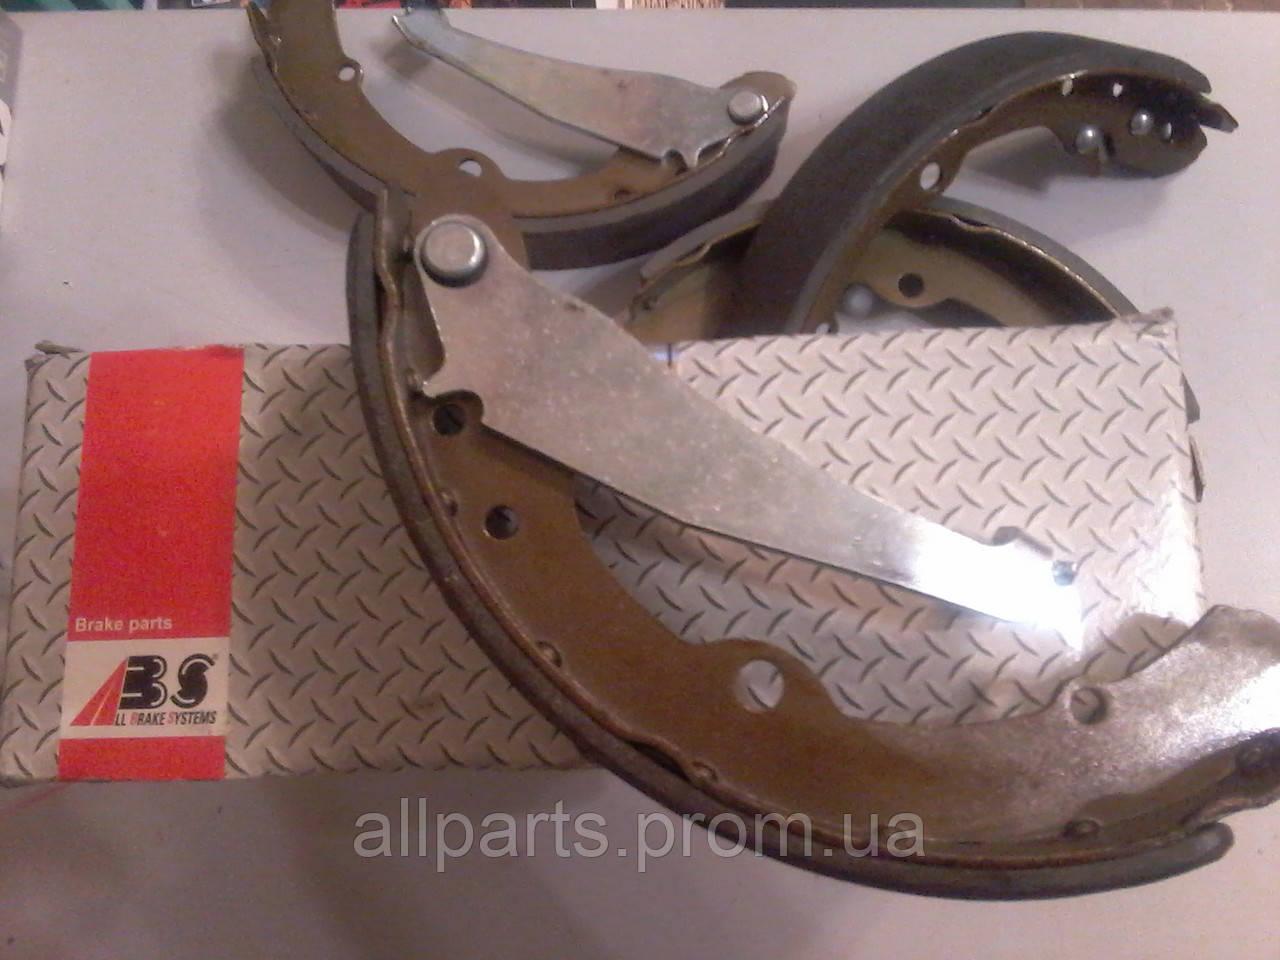 A.B.S. тормозные колодки АБС (страна производитель Голландия)